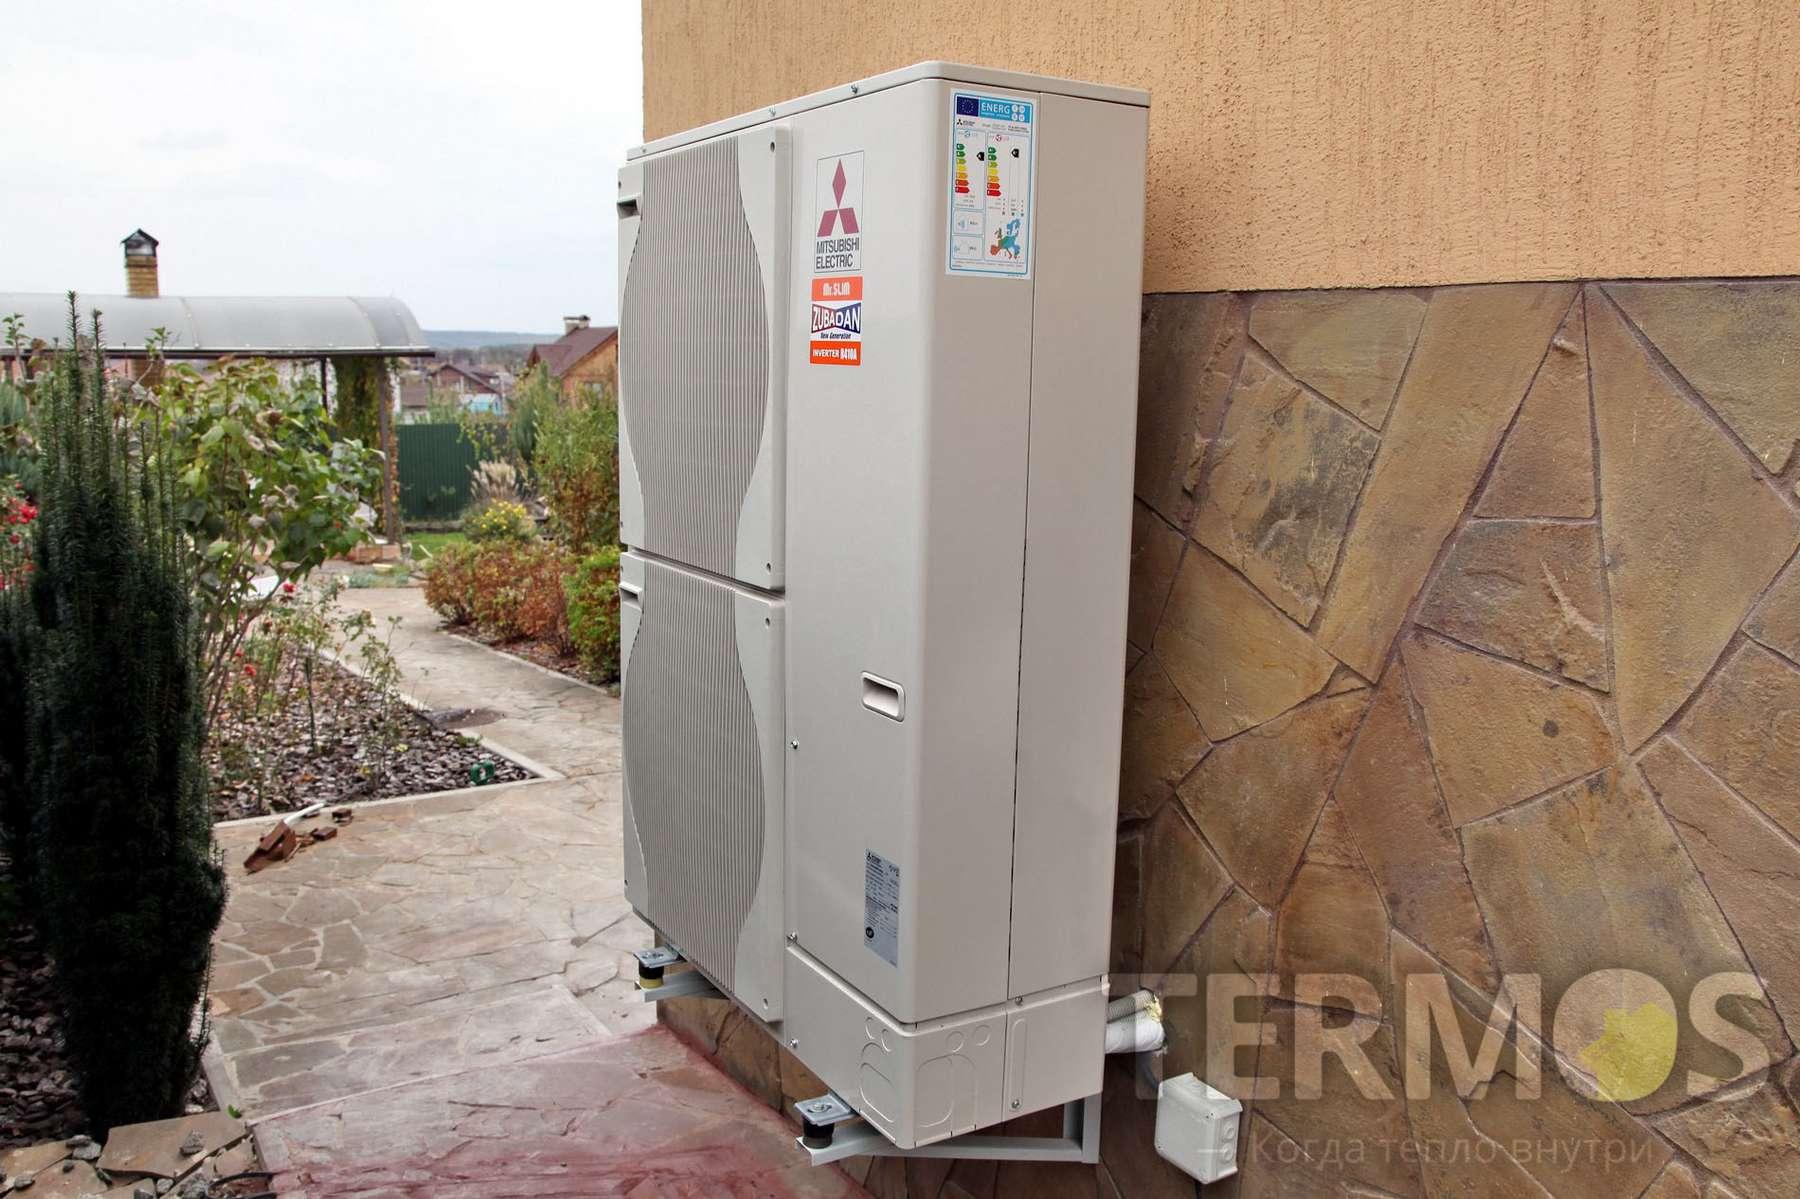 Крюківщина. Будинок 300 кв.м. Система опалення на повітряному тепловому насосі ZUBADAN 23 кВт з функціями опалення та гарячого водопостачання. Бойлер ГВП 200 л, піковий доводчик - конденсаційний котел 30 кВт